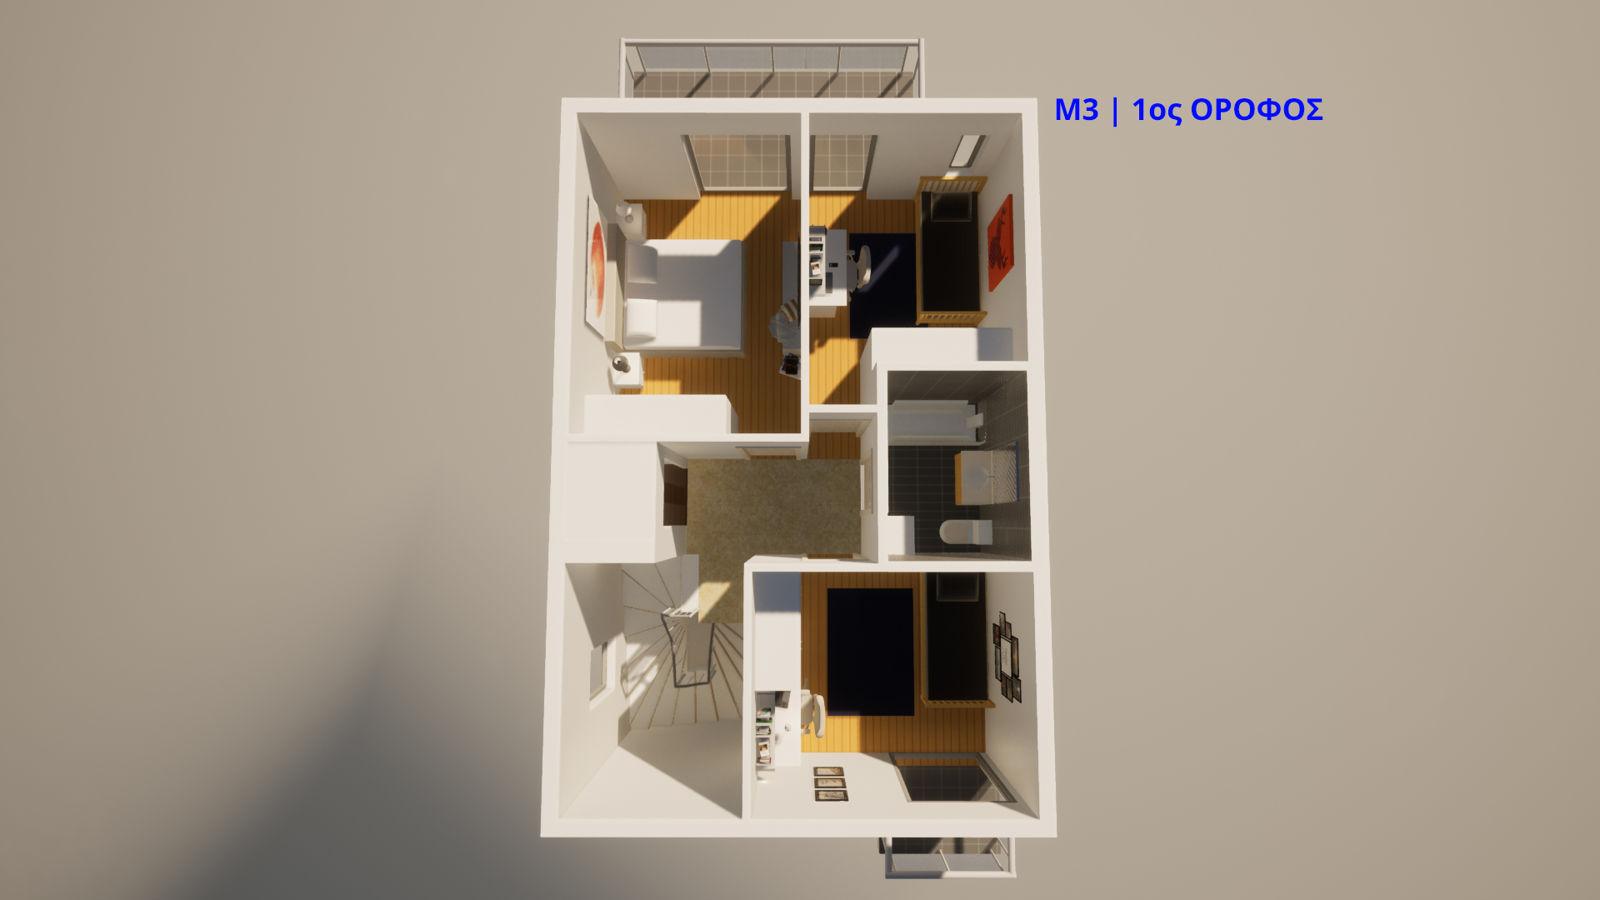 Μ3, 1ος όροφος